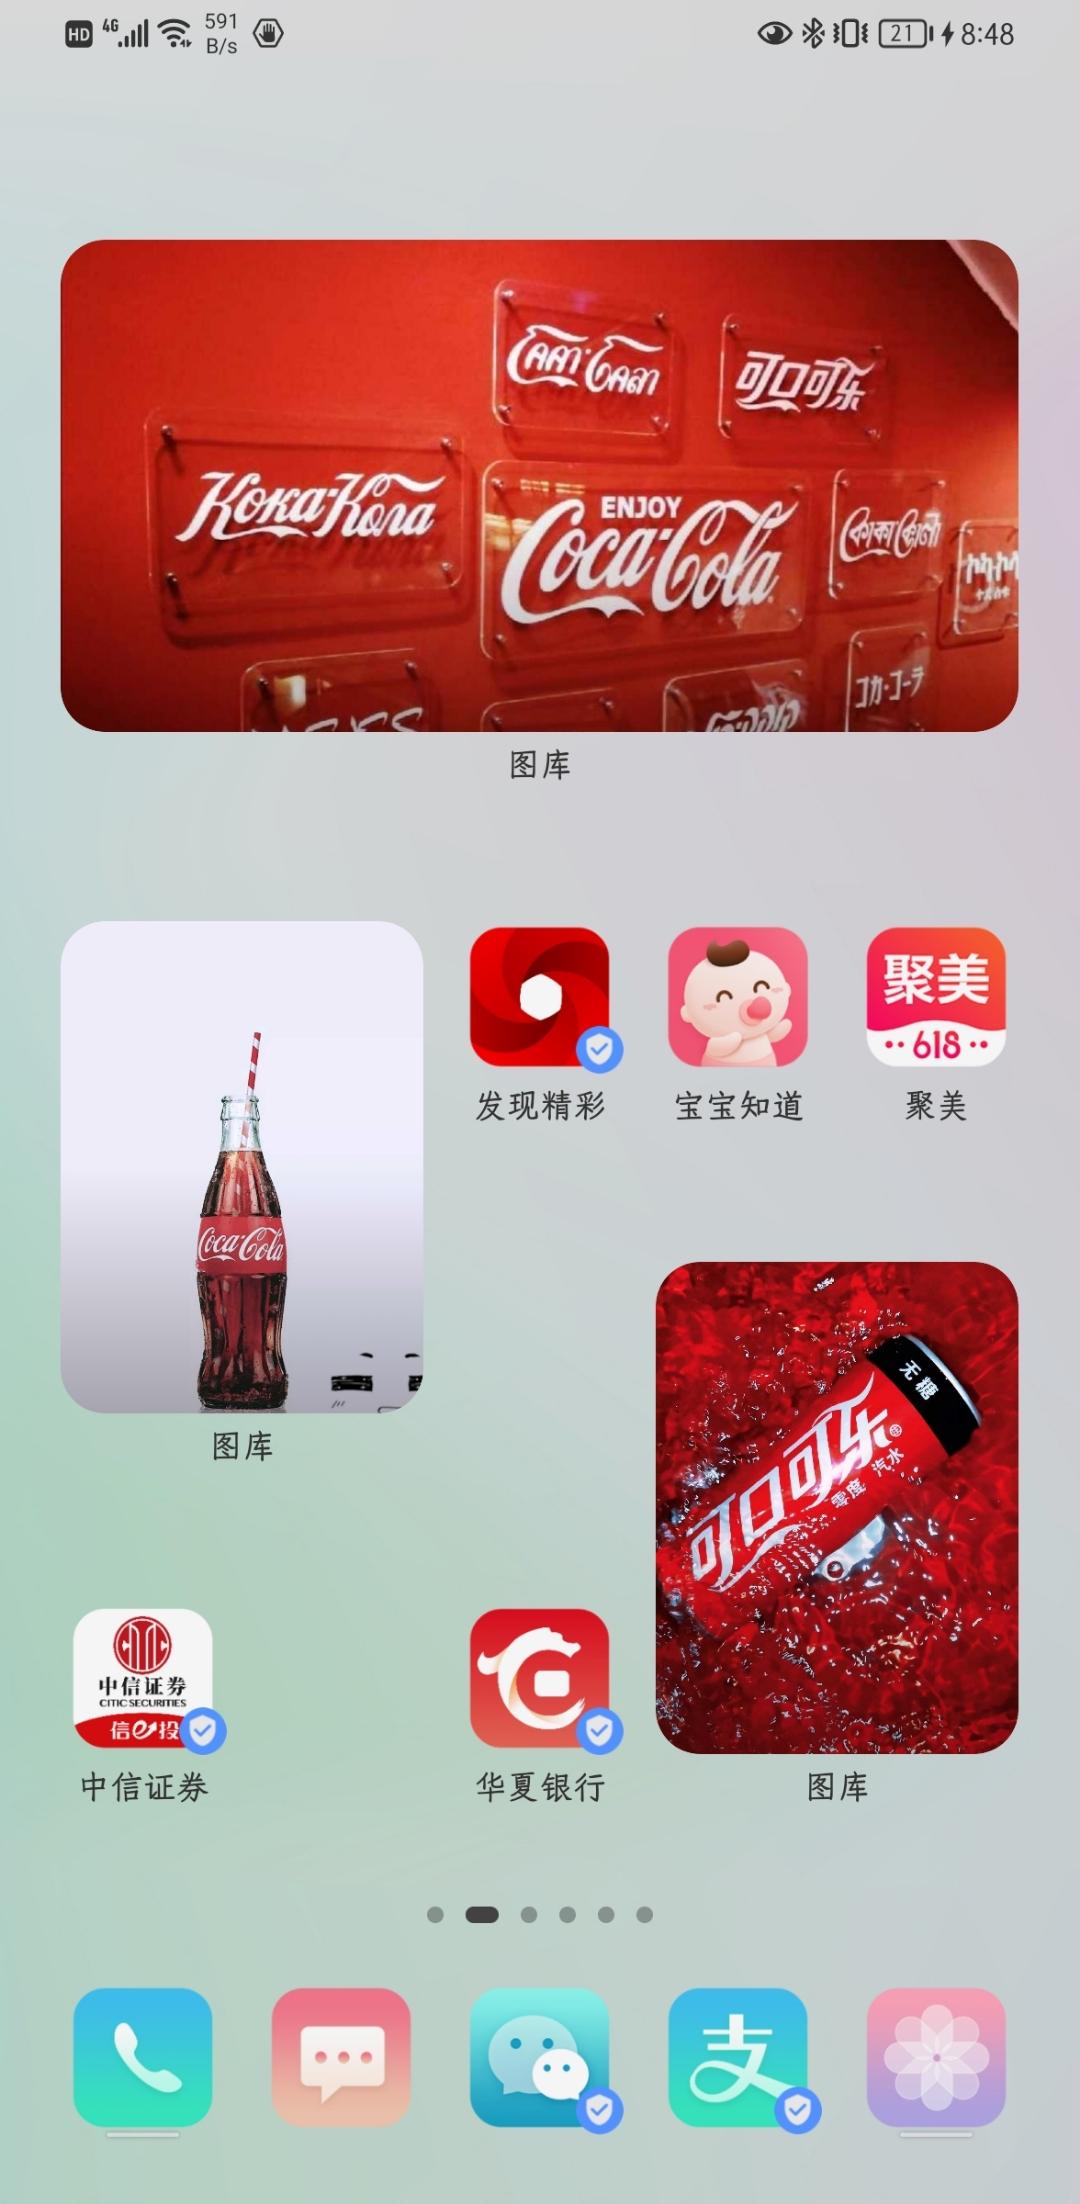 Screenshot_20210618_204847_com.huawei.android.launcher.jpg